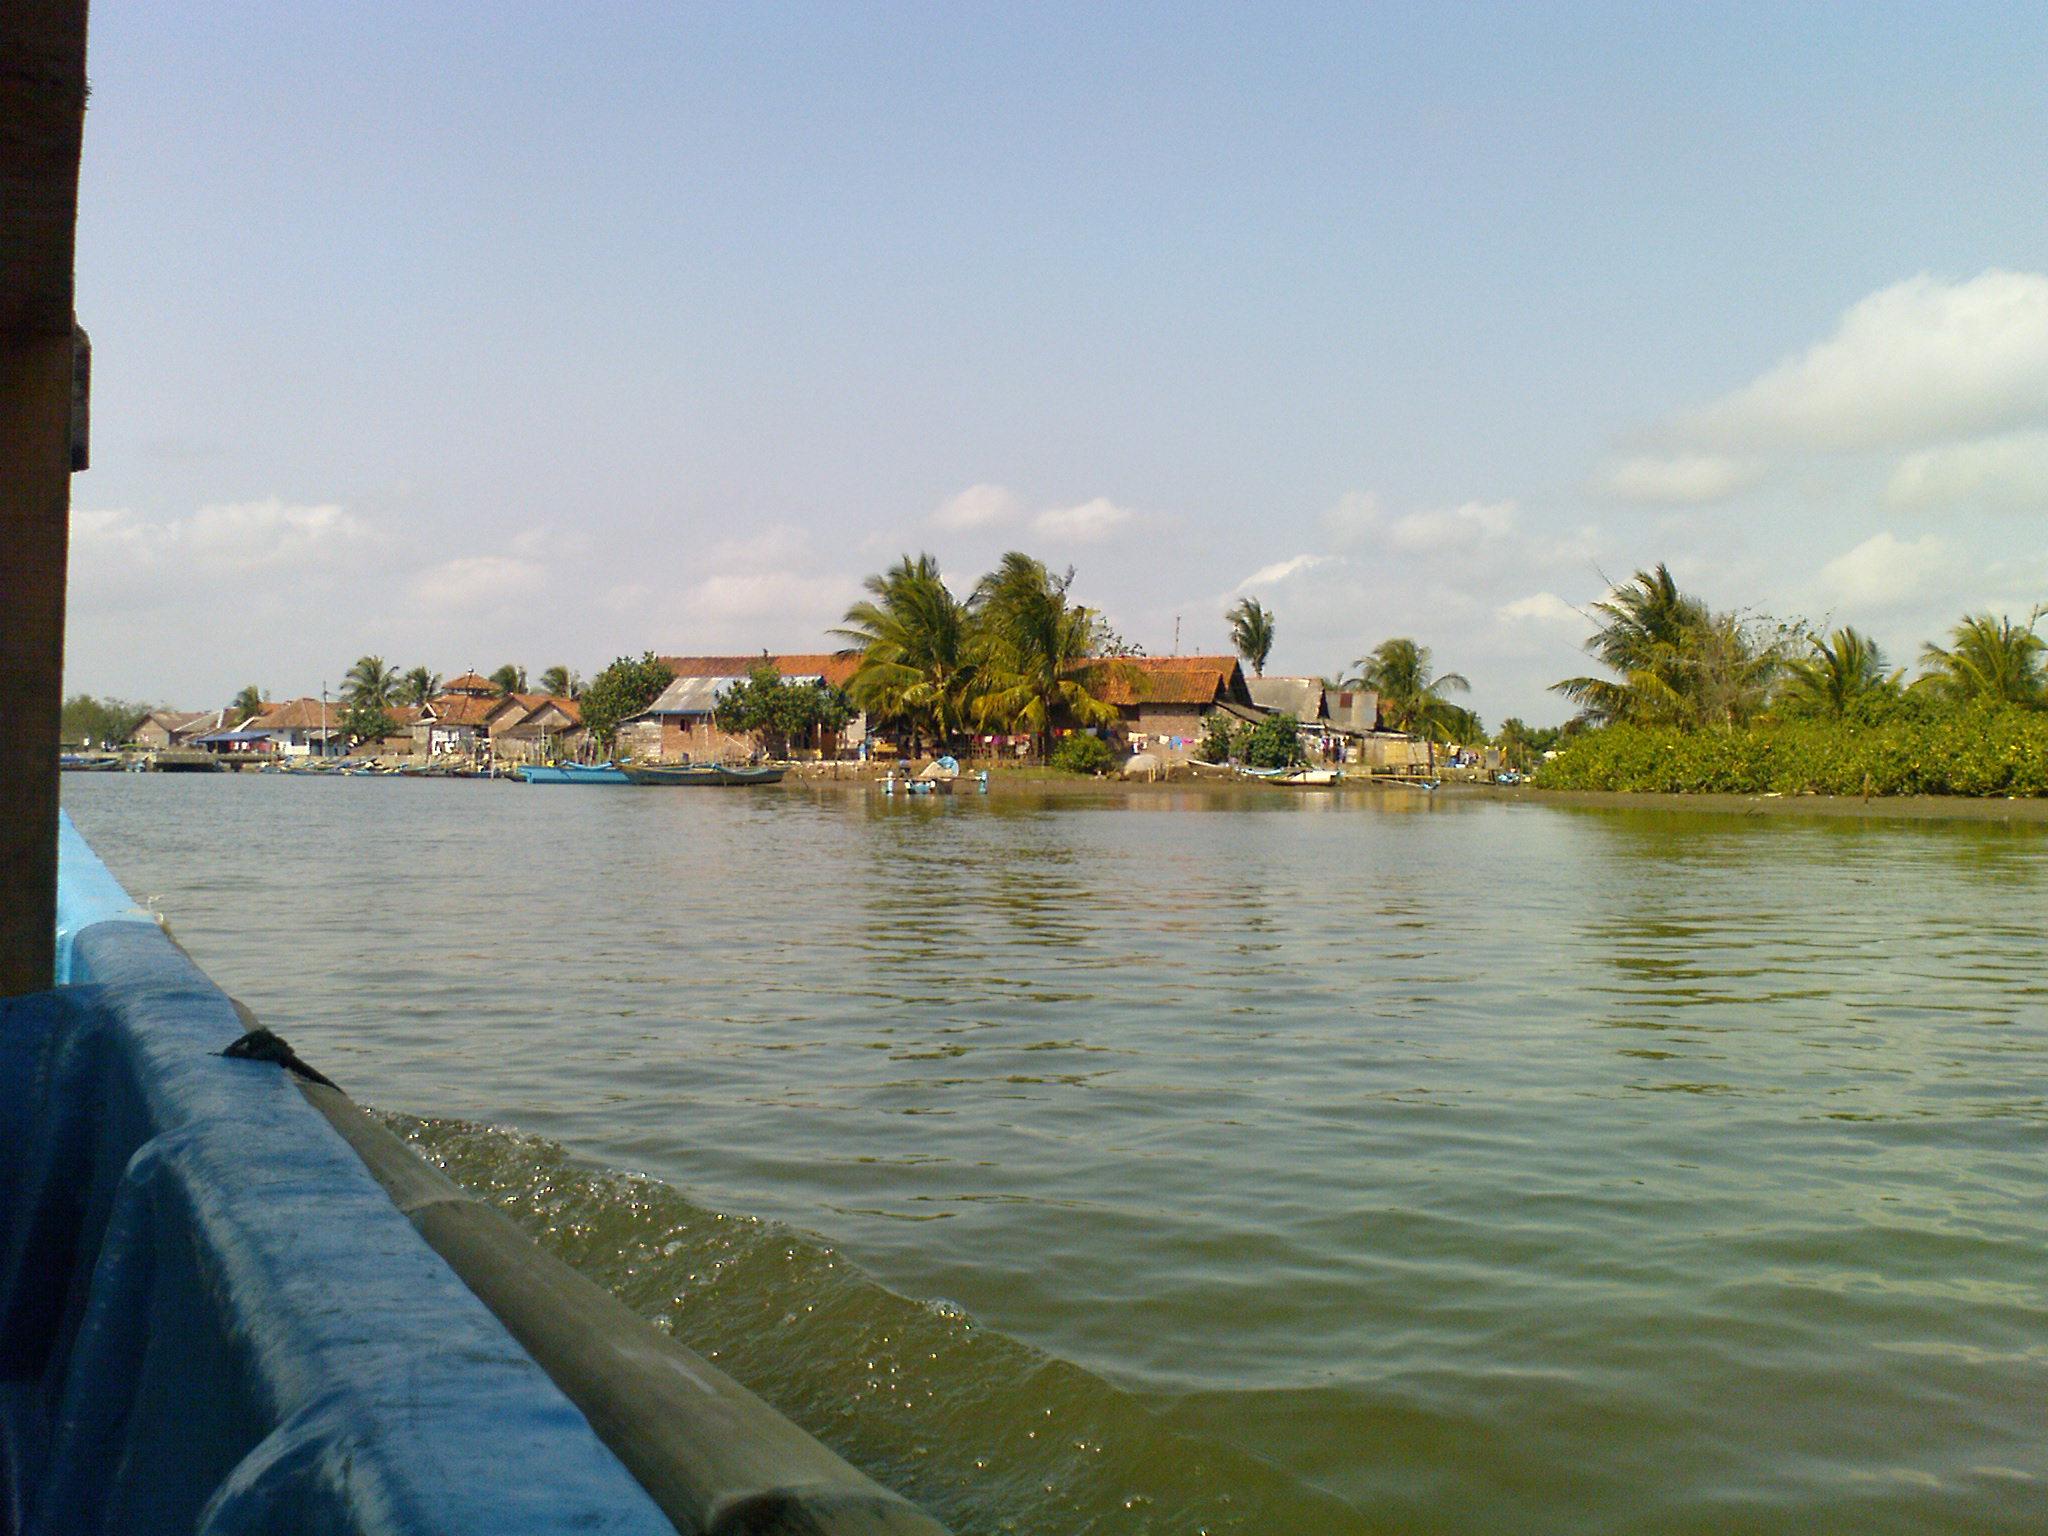 Download Kajian Foto Daerah Kristenisasi Mokaa Aby Aabd Lsm Asing